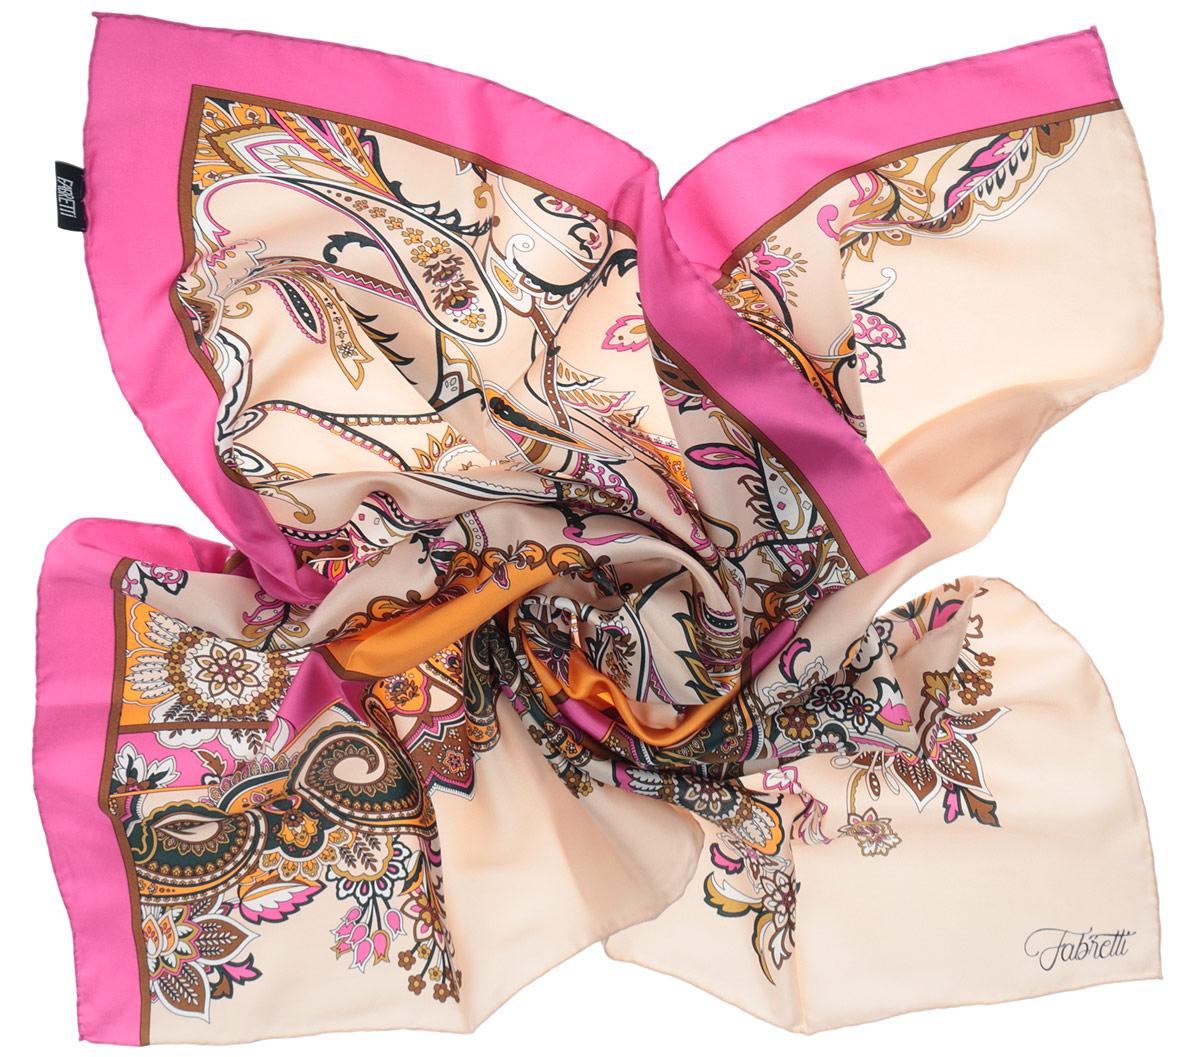 Платок женский. CX1516-43CX1516-43-4Стильный женский платок Fabretti станет великолепным завершением любого наряда. Платок изготовлен из высококачественного 100% шелка и оформлен изысканным растительным орнаментом. Классическая квадратная форма позволяет носить платок на шее, украшать им прическу или декорировать сумочку. Мягкий и шелковистый платок поможет вам создать изысканный женственный образ, а также согреет в непогоду. Такой платок превосходно дополнит любой наряд и подчеркнет ваш неповторимый вкус и элегантность.